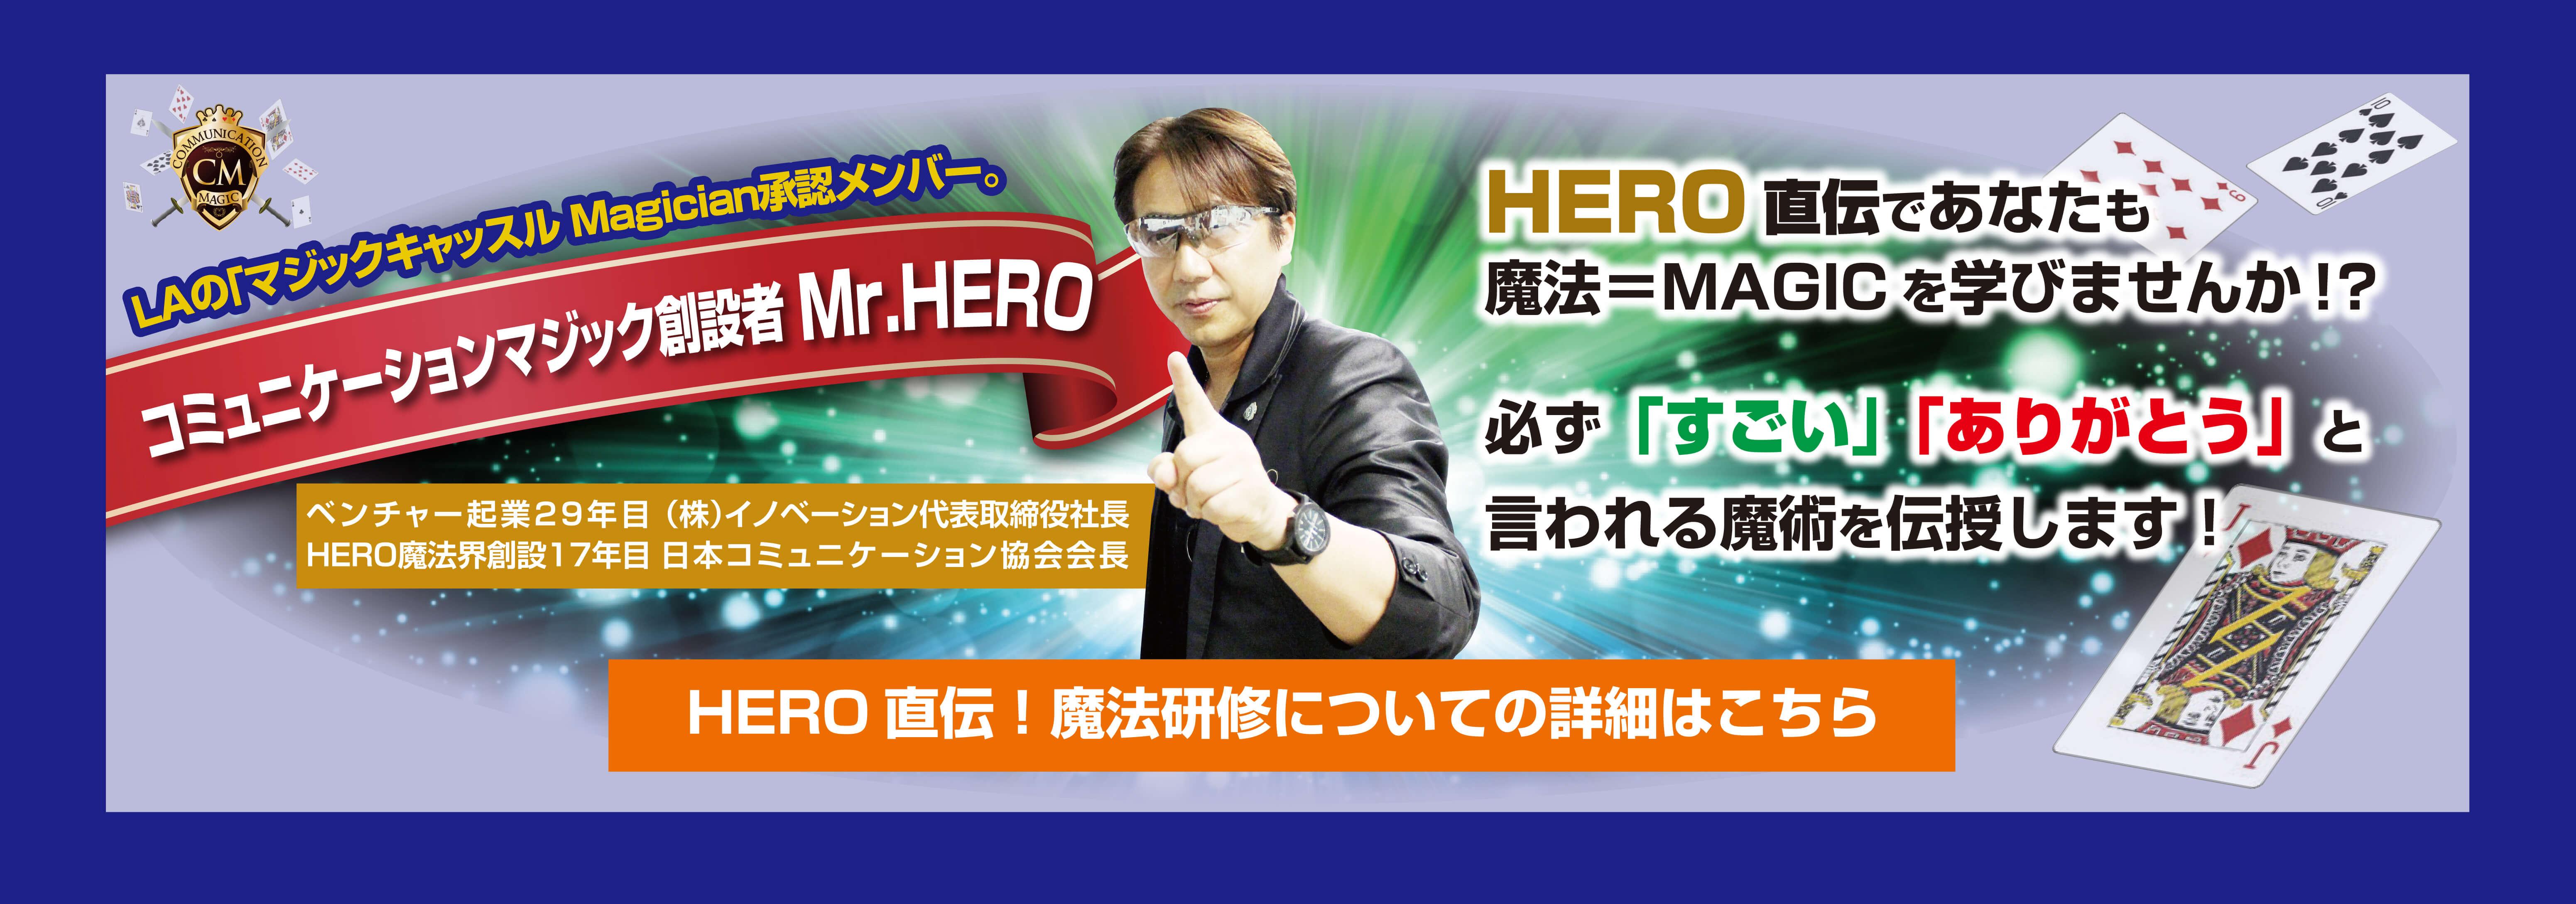 HERO直伝!魔法研修